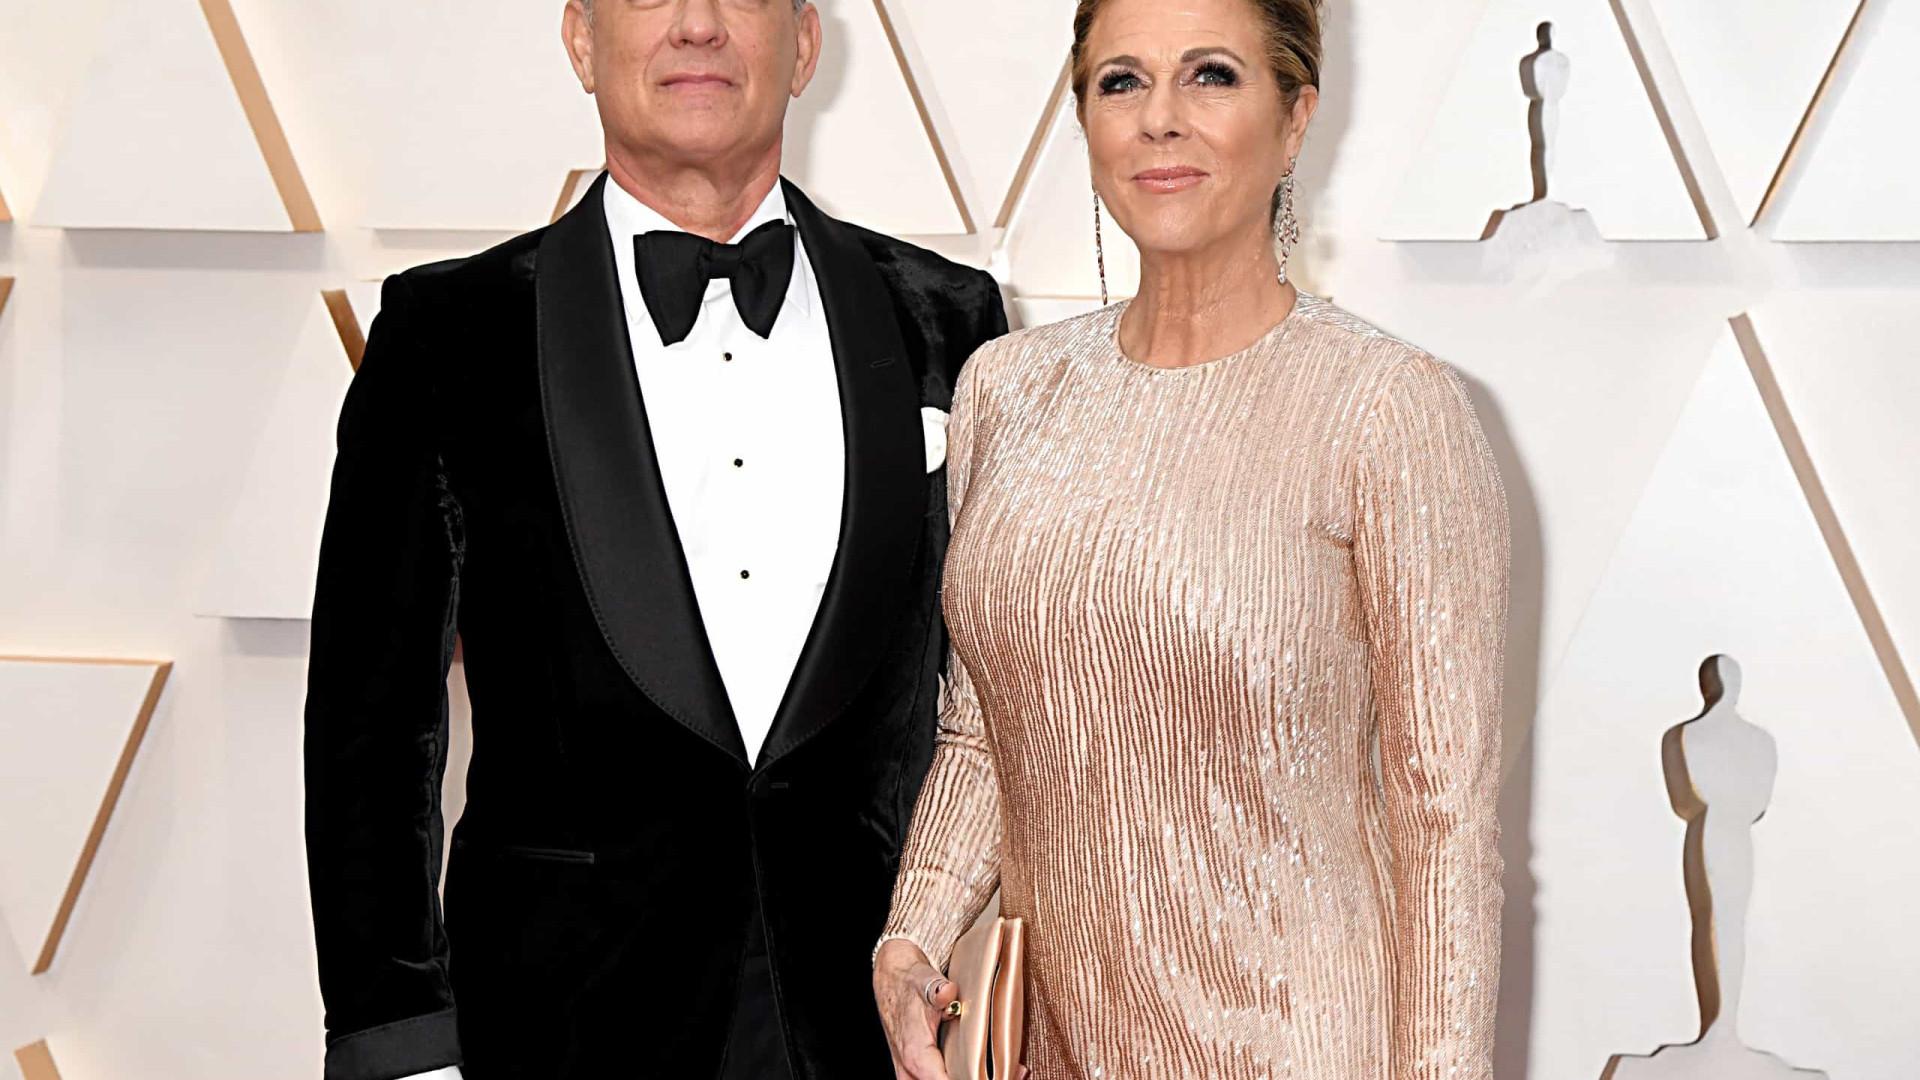 Tom Hanks e Rita Wilson, ganham cidadania grega e exibem passaportes